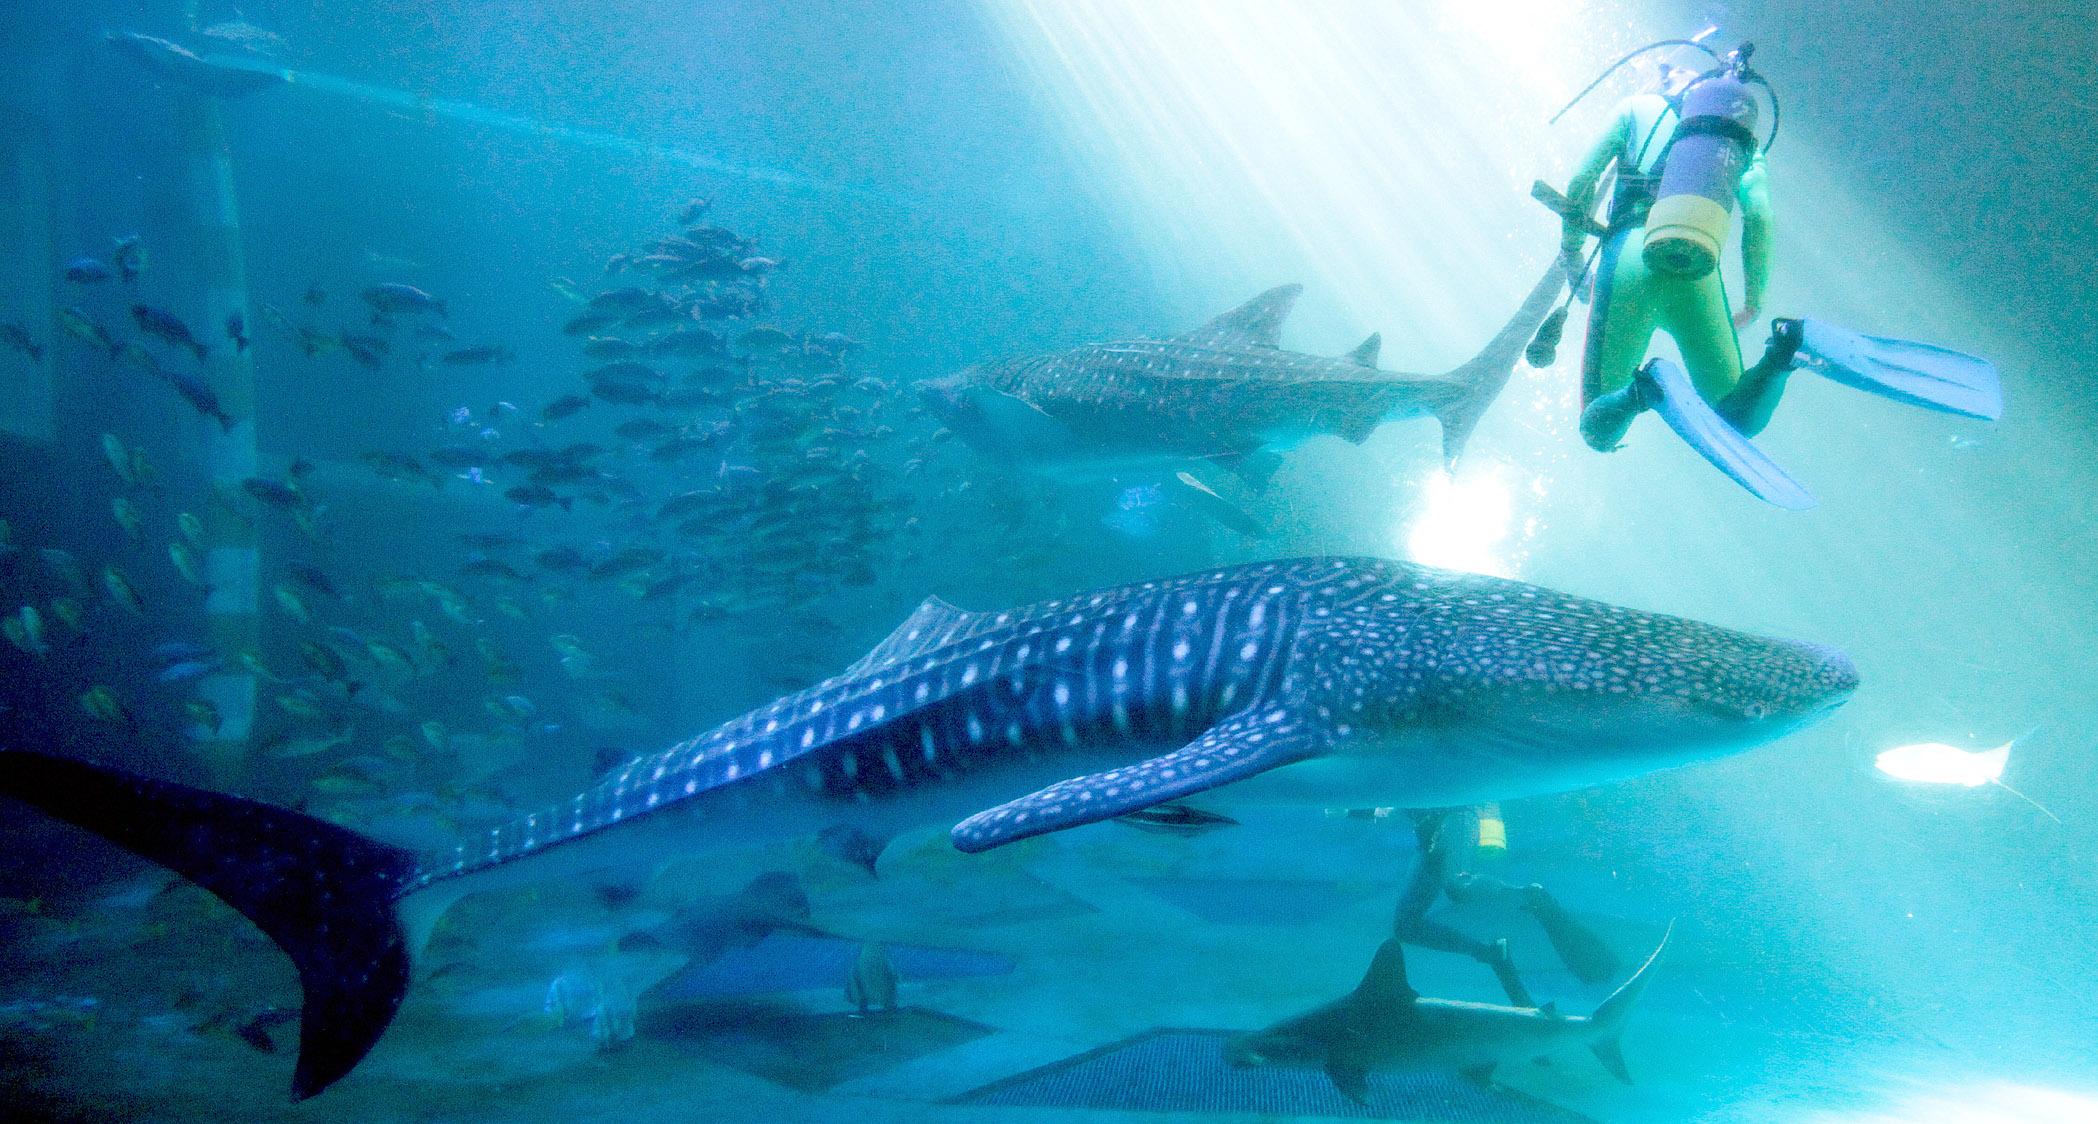 悠々と泳ぐ2匹のジンベエザメ=14日午前8時半、七尾市ののとじま臨海公園水族館